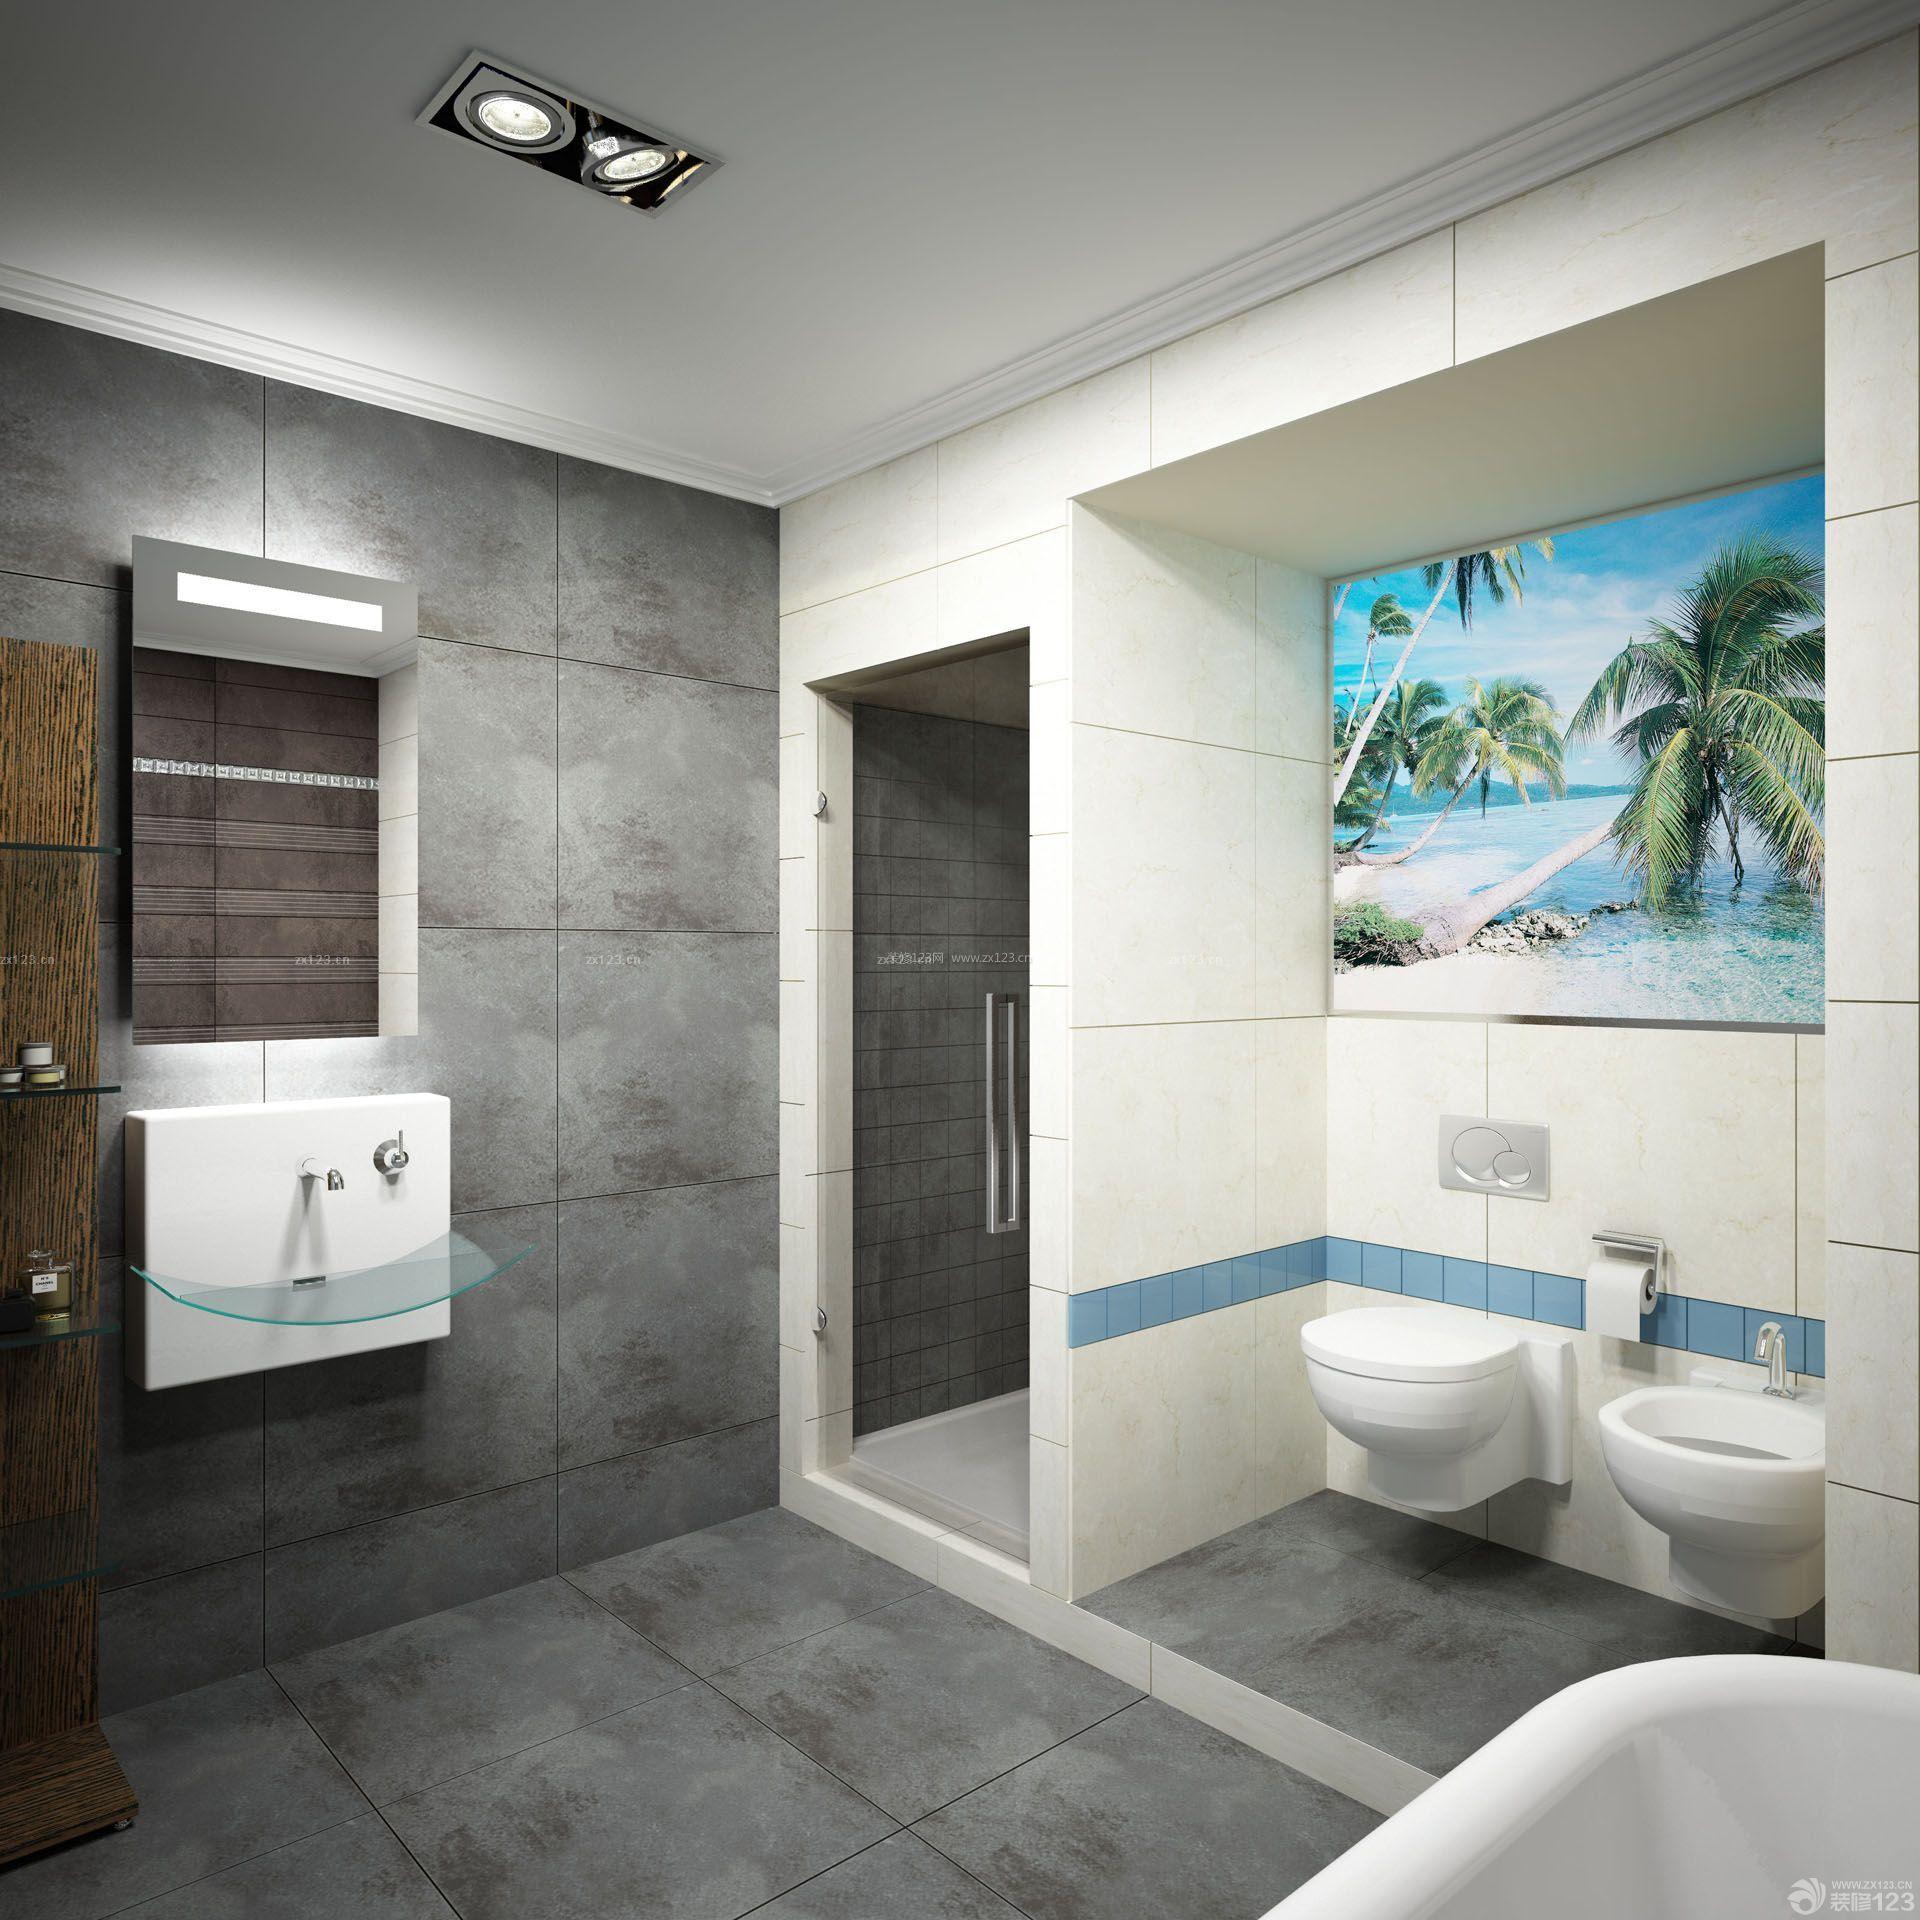 卧室内带卫生间的设计图展示图片